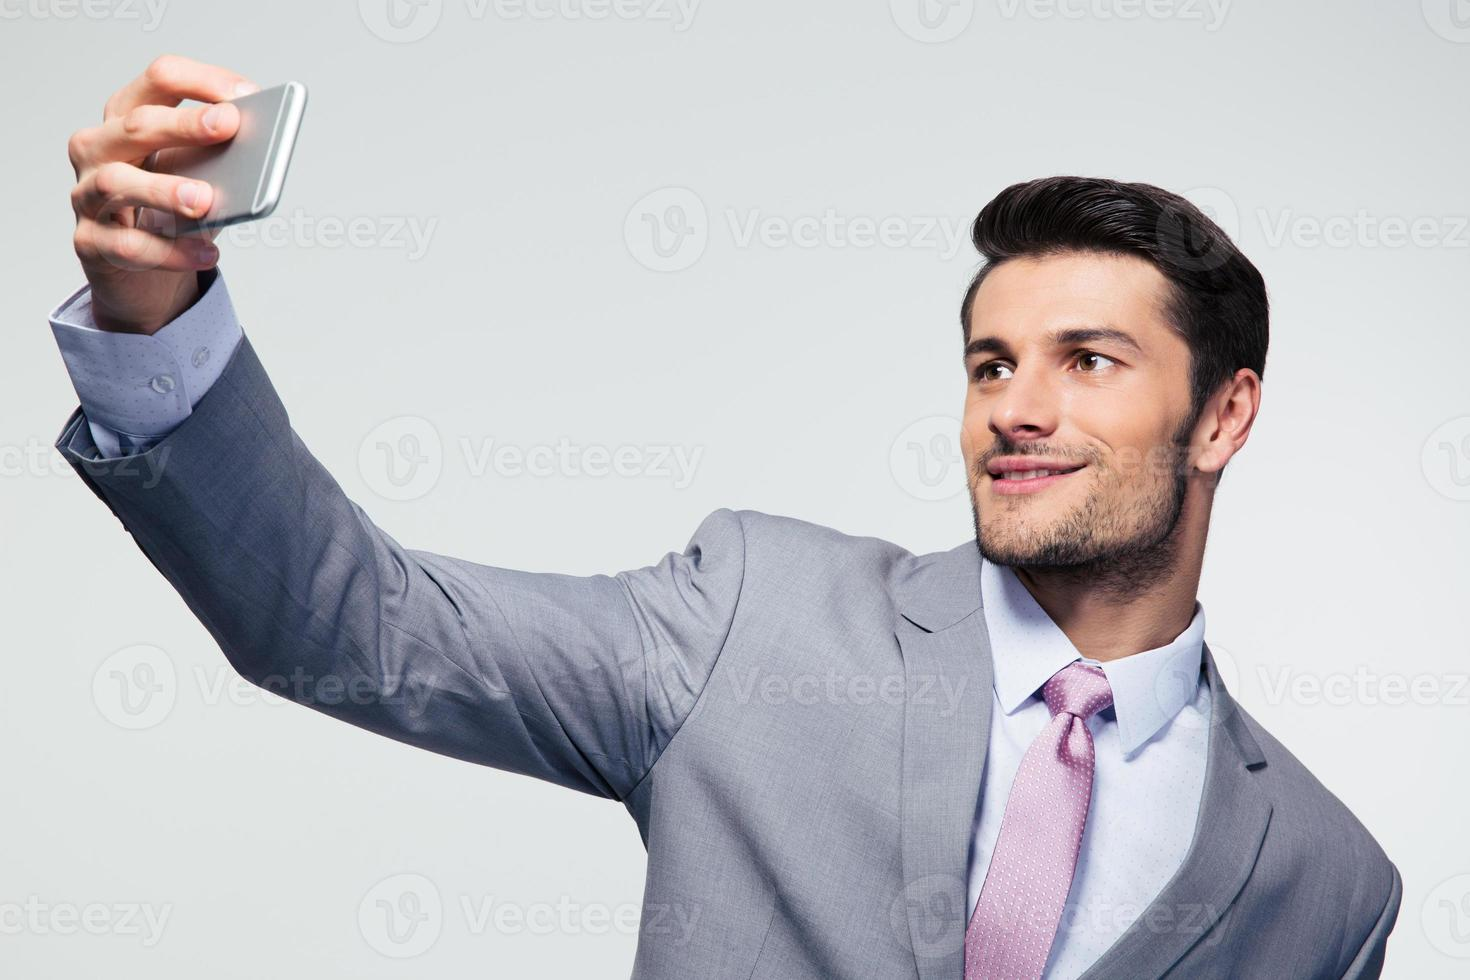 homme d'affaires faisant photo selfie sur smartphone